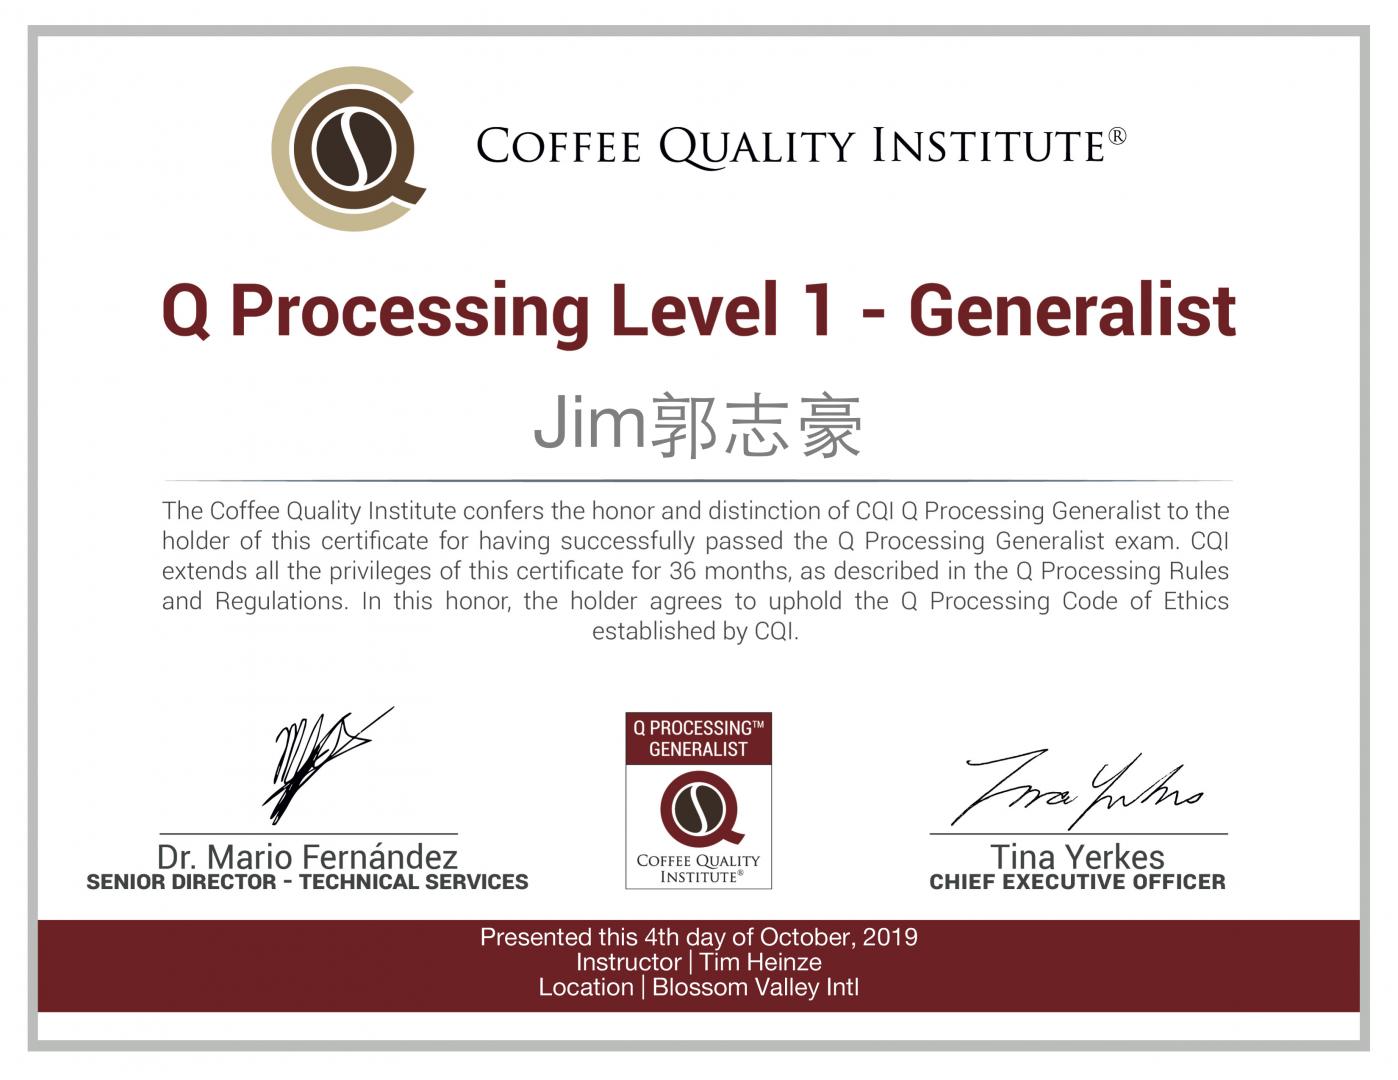 國際咖啡後製加工技術師